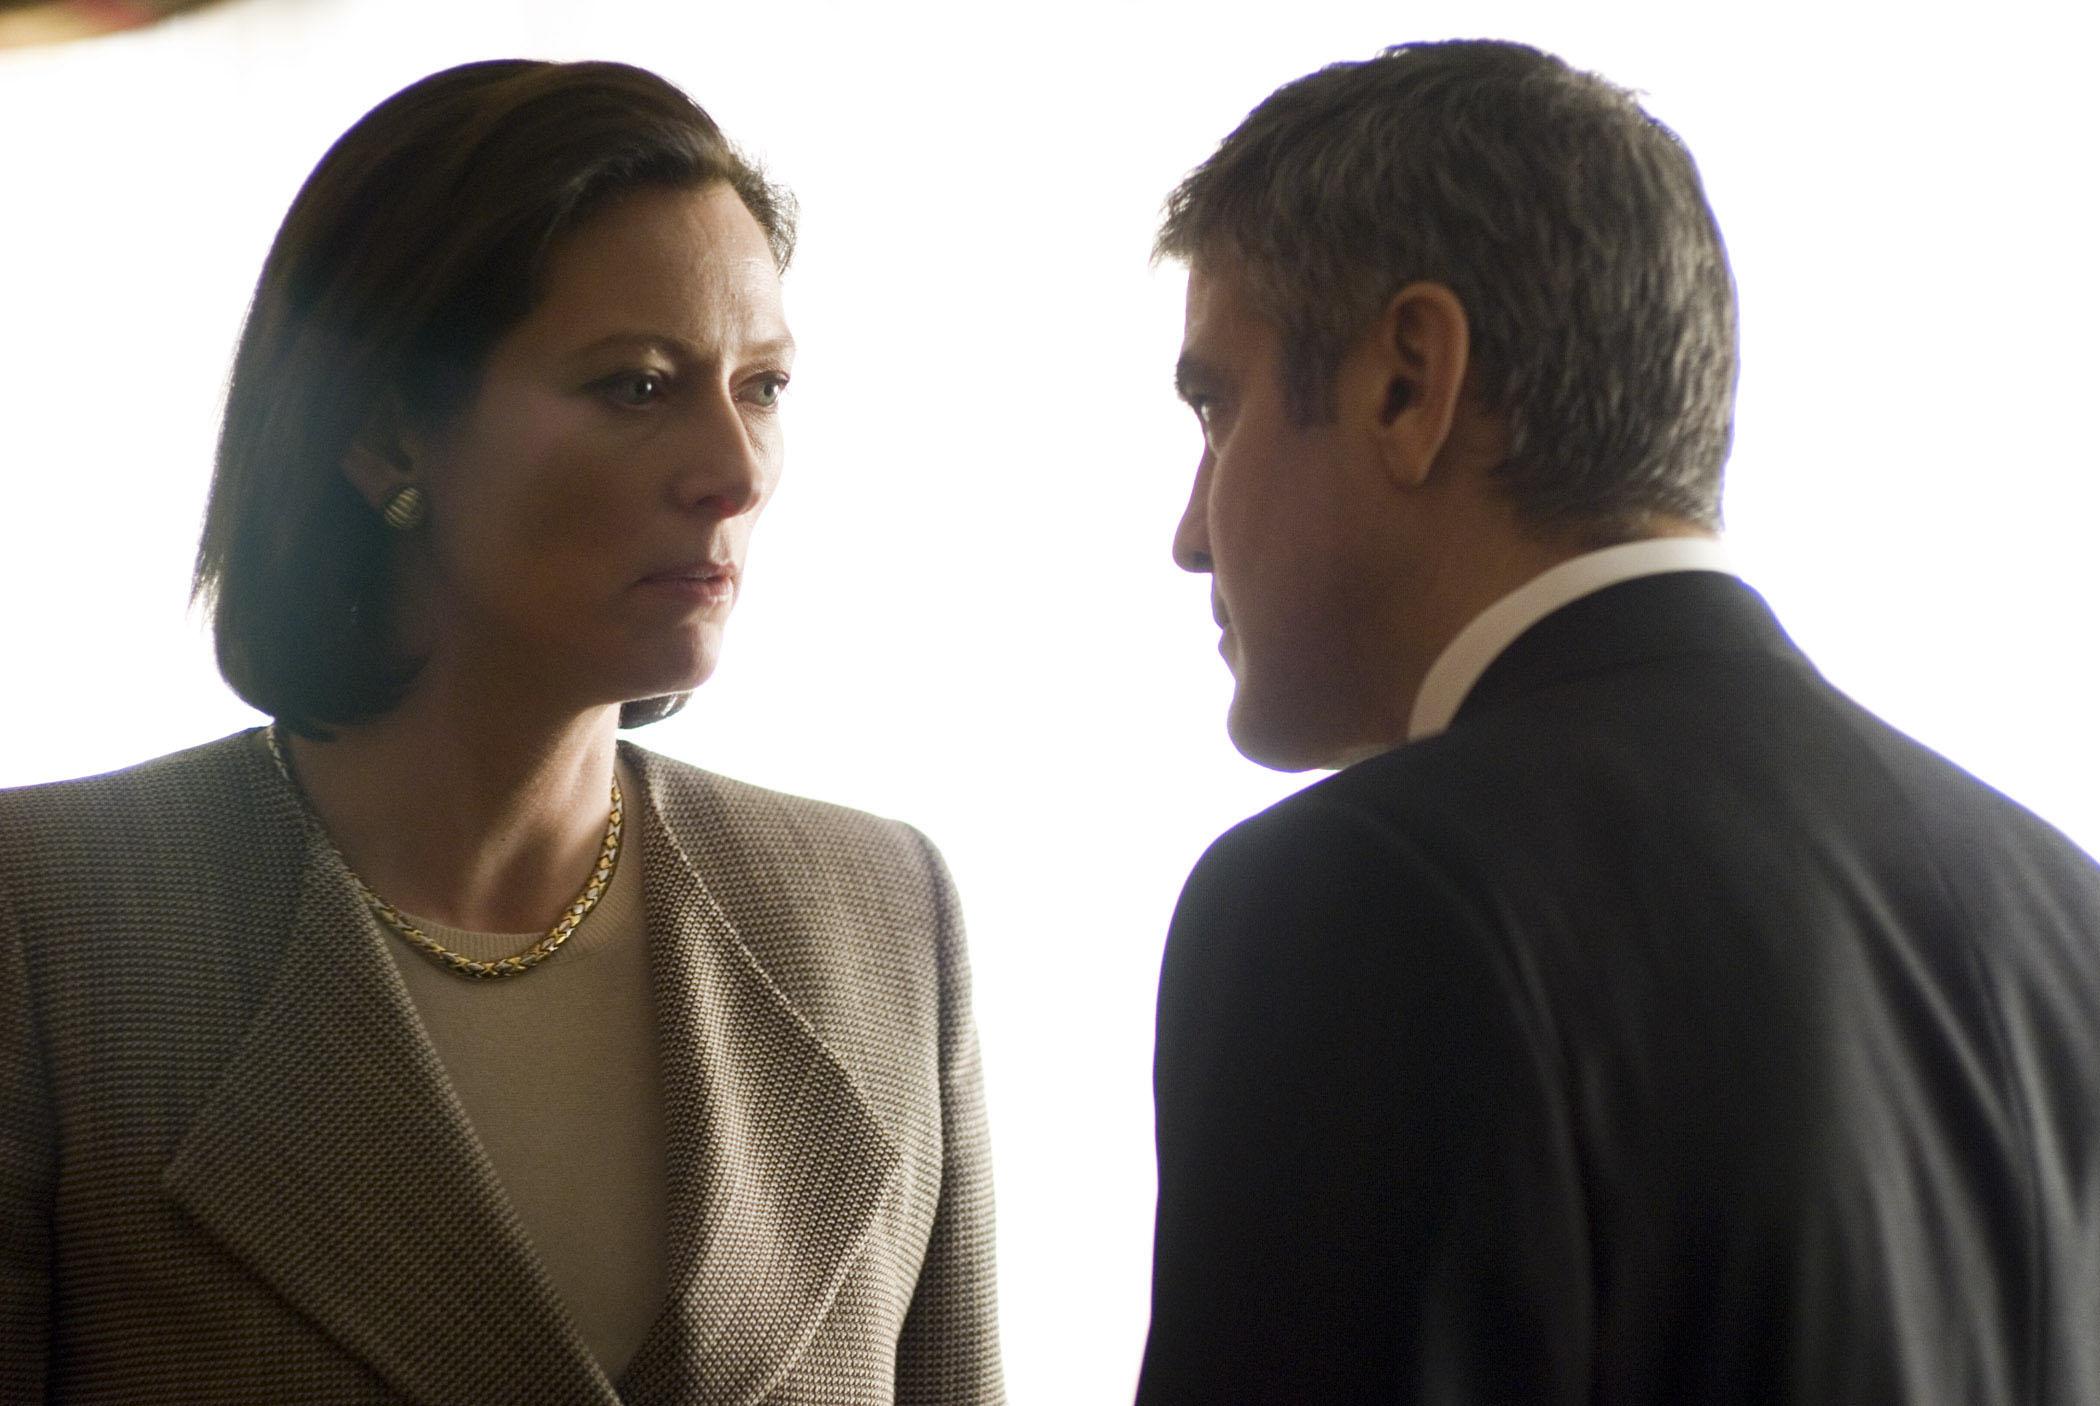 кадры из фильма Майкл Клейтон Джордж Клуни, Тильда Суинтон,